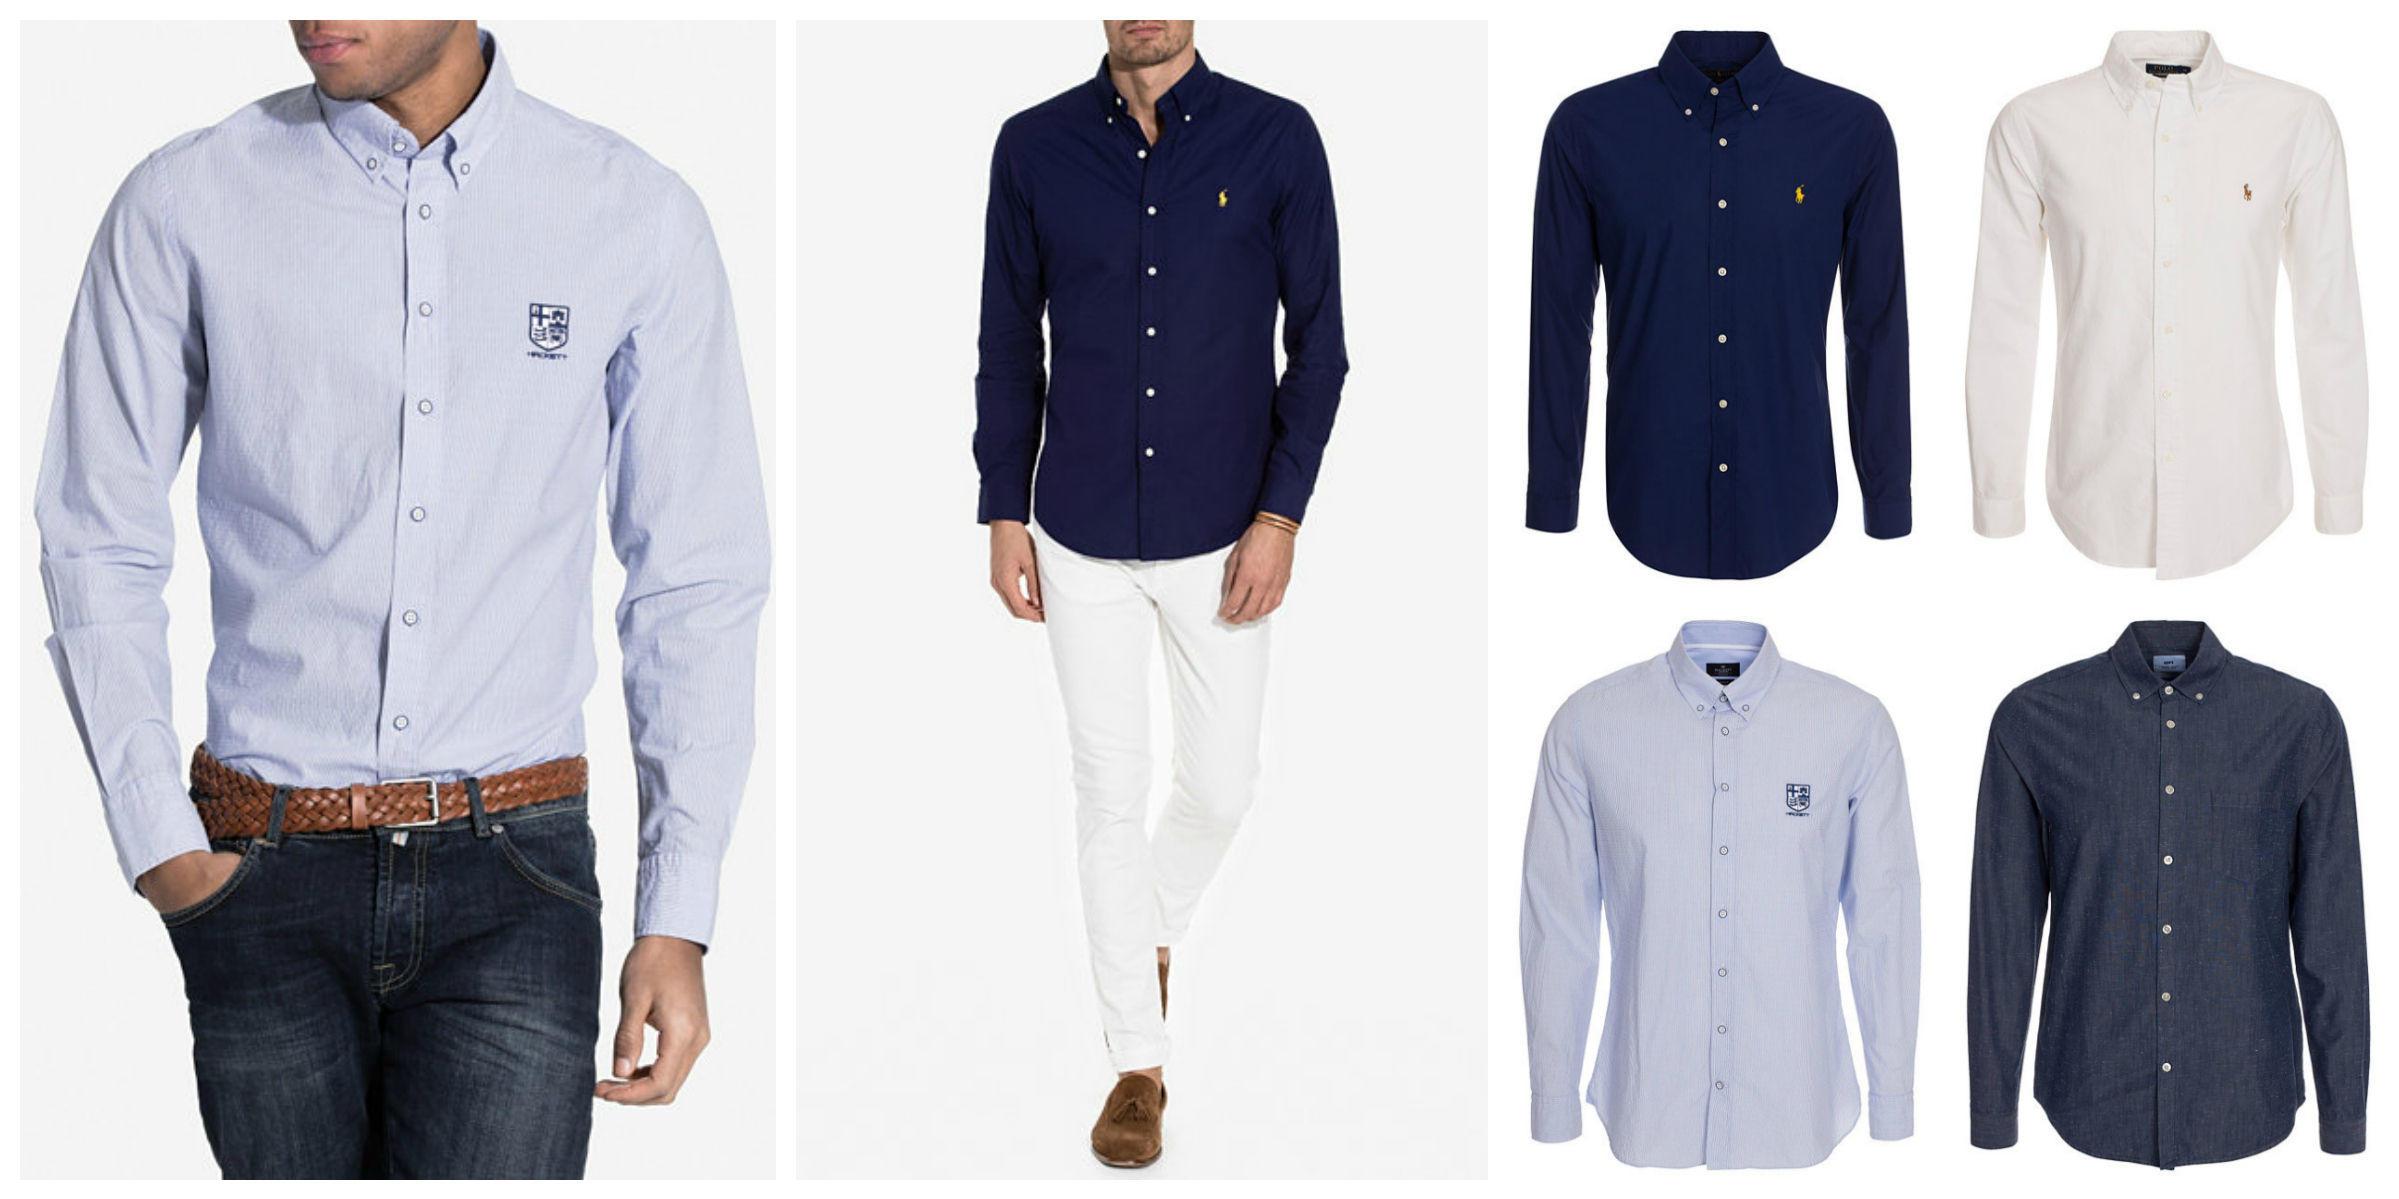 Skjorta oppi eller utenfor buksa? Side3